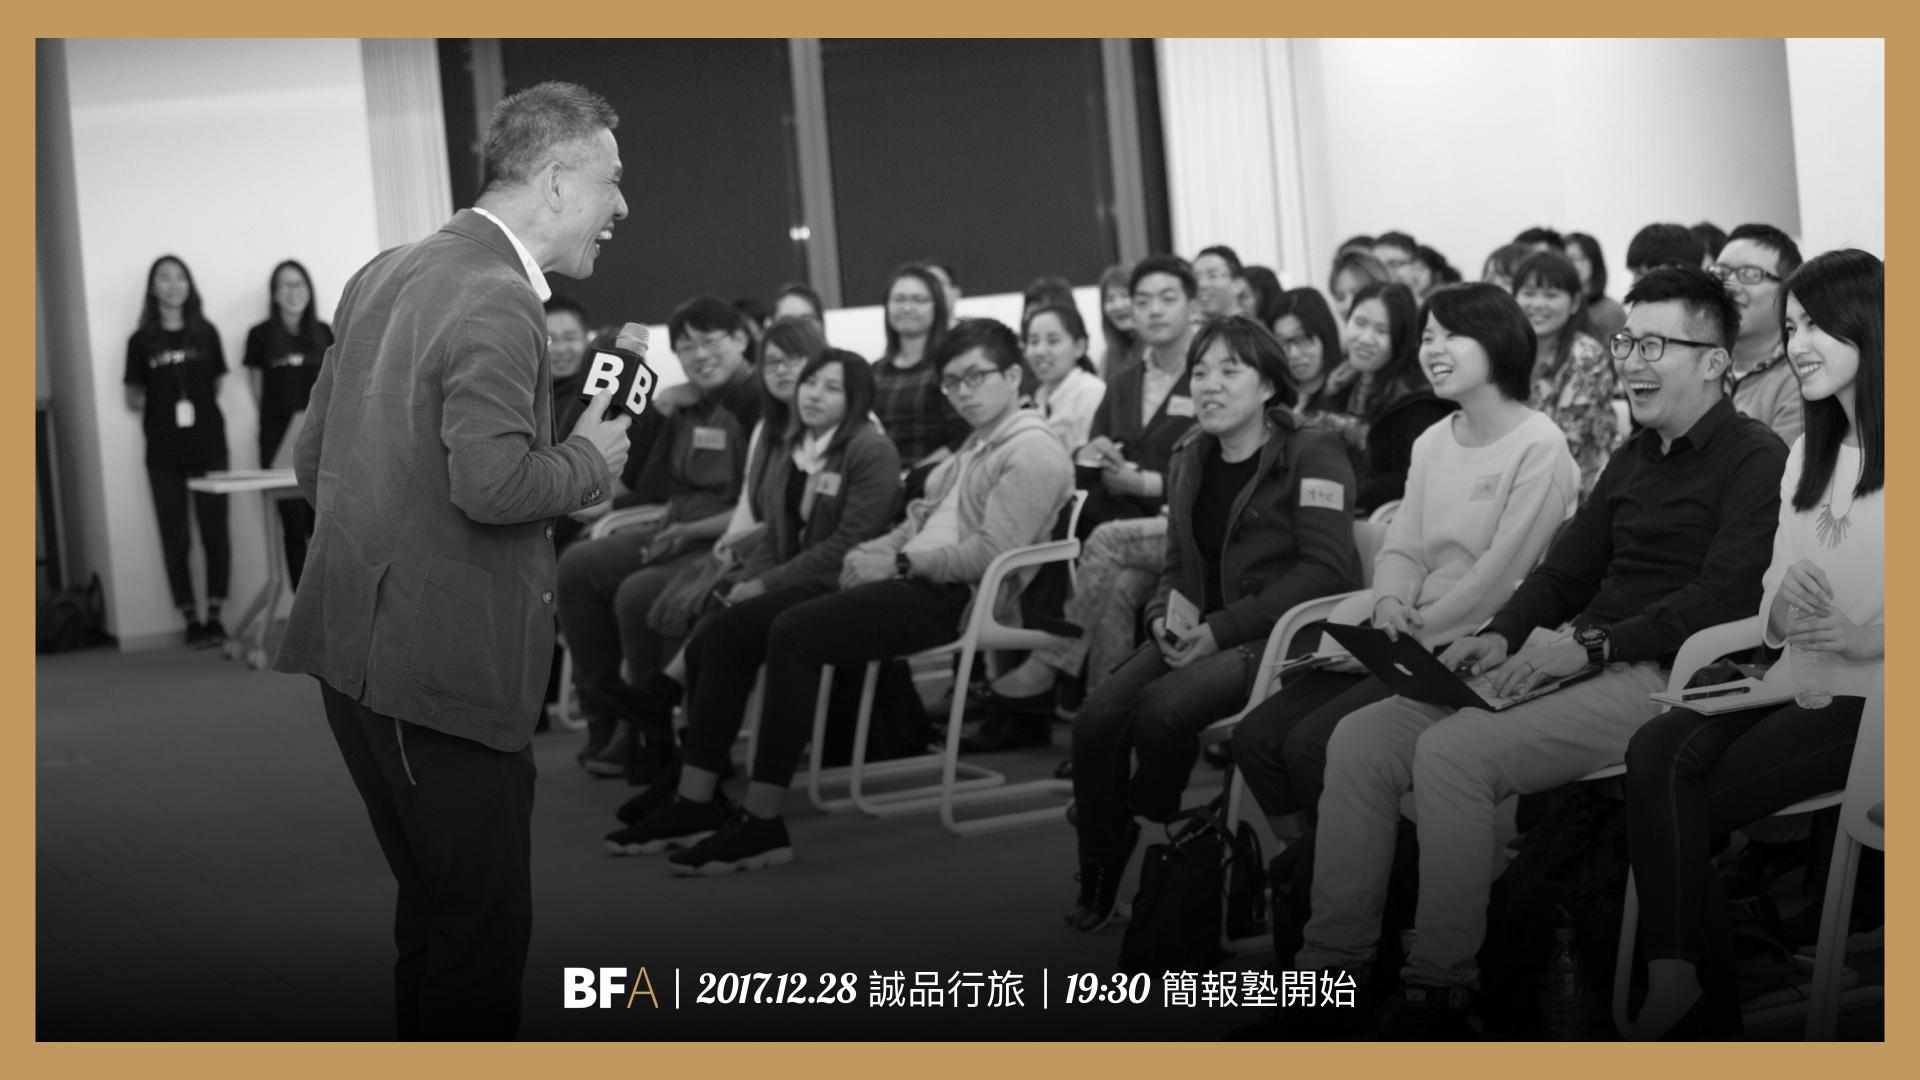 BFA 簡報小聚活動報名內容 簡報塾 蘇國垚.jpeg